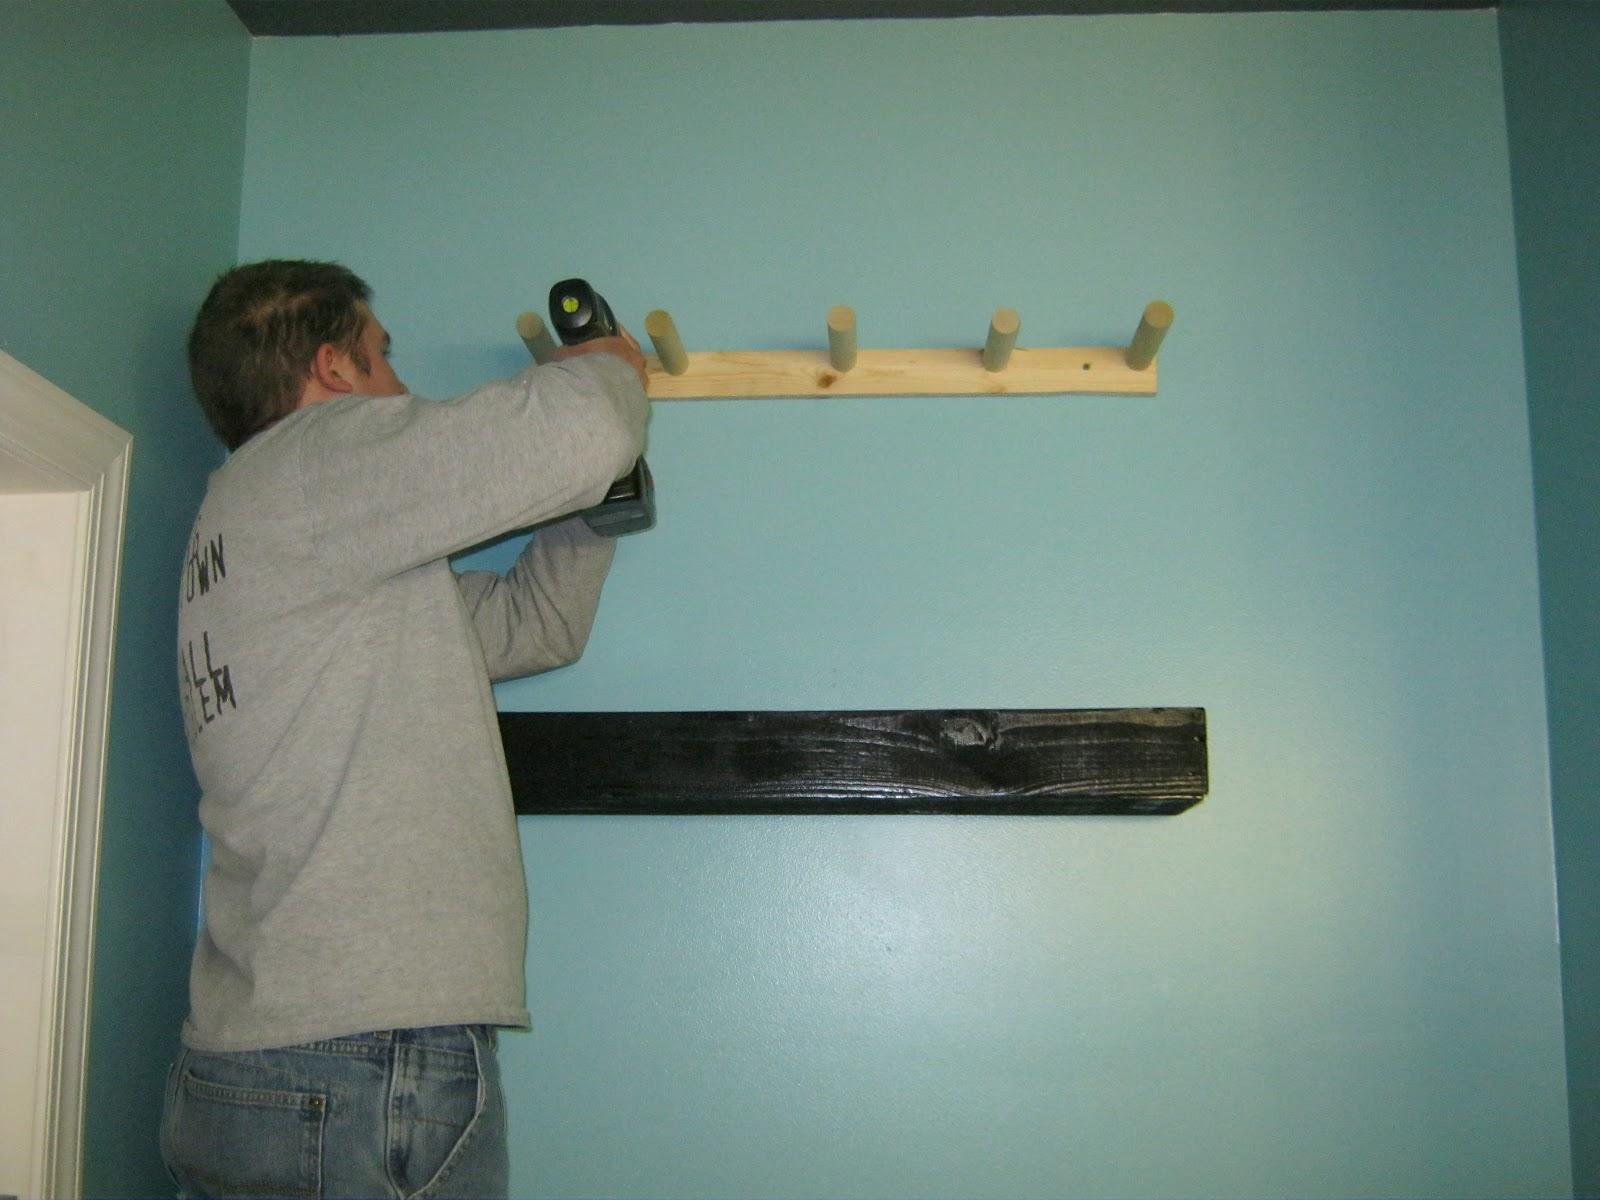 Woodwork Free Wooden Floating Shelves Plans Pdf Plans